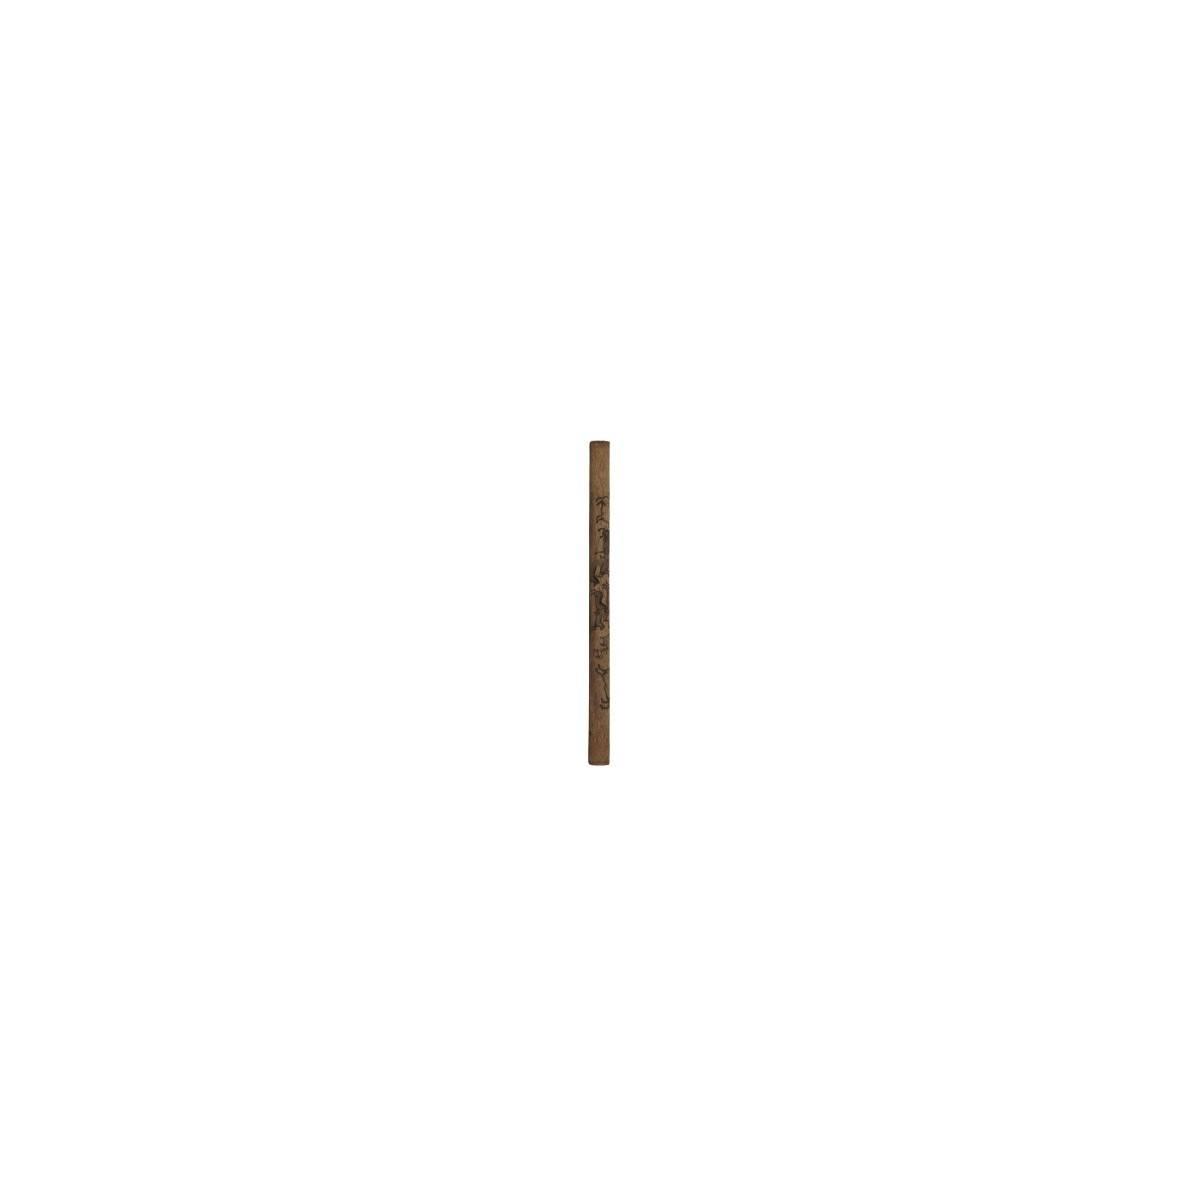 Bâton de pluie traditionnel - 100 cm